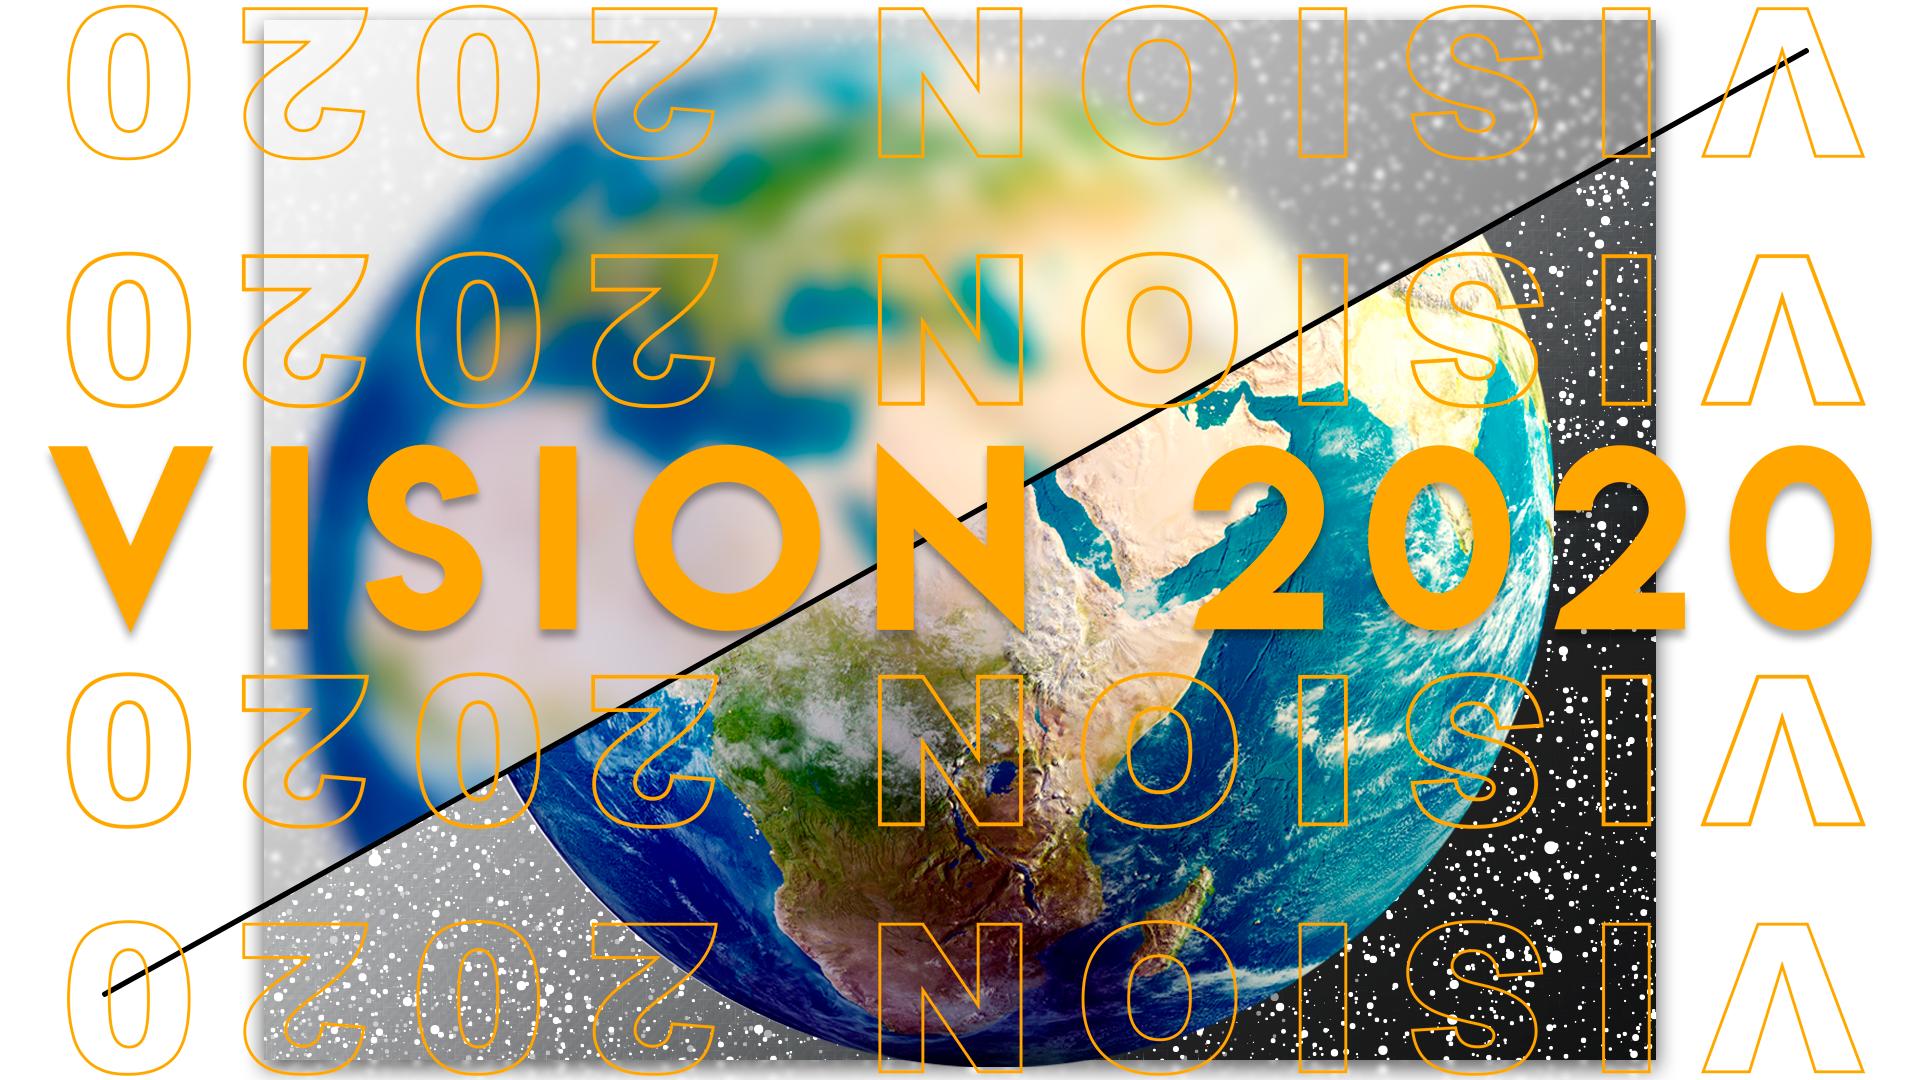 ccc2020visionslide (1).png